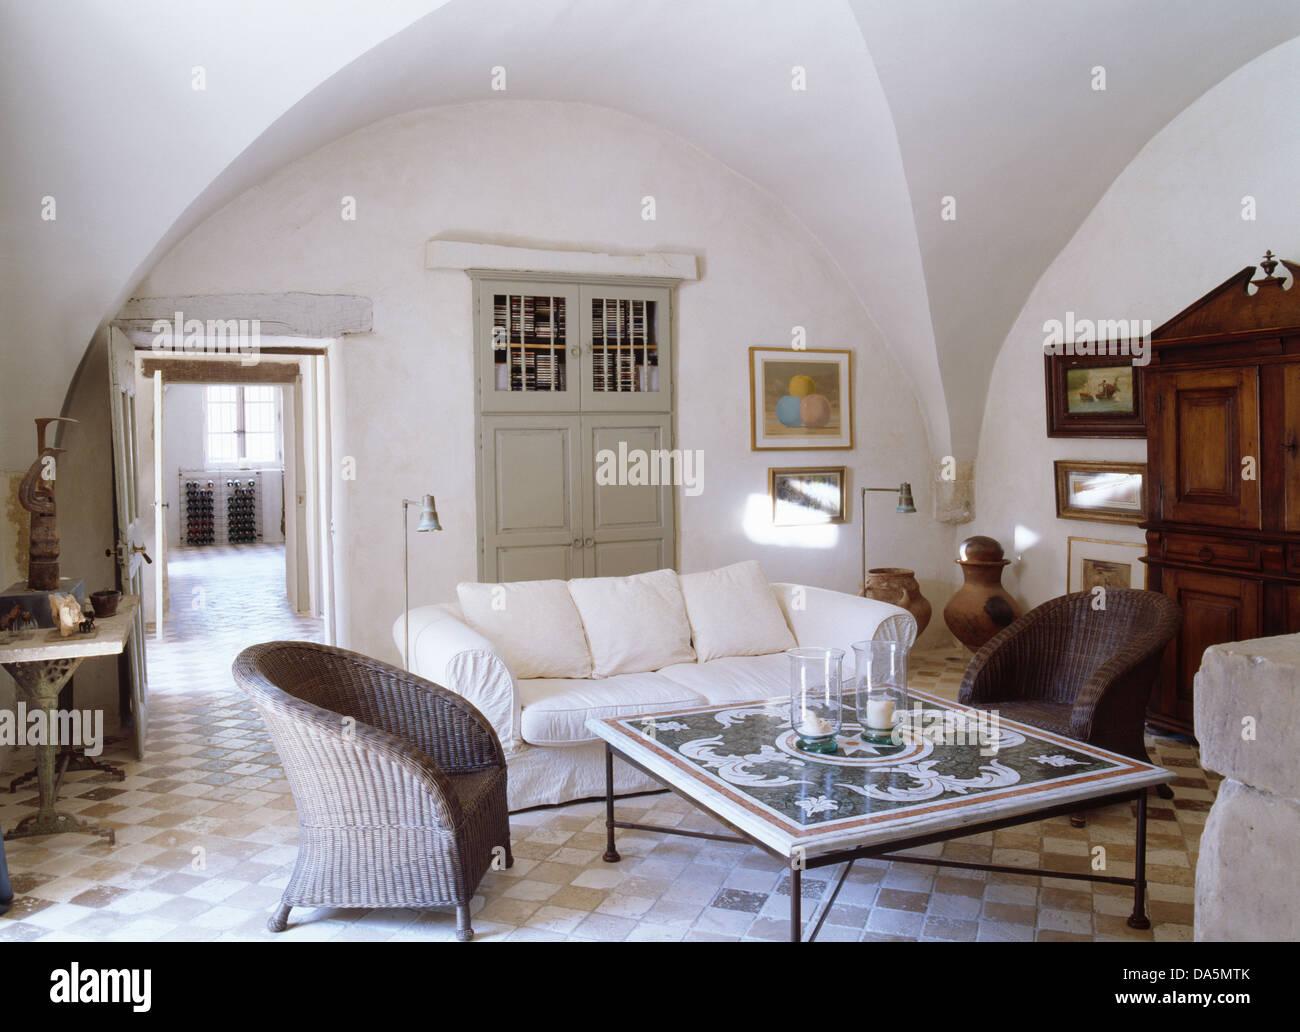 Graue Wicker Sessel Und Weißen Sofa Gefliesten Kaffeetisch In Weißen  Französischen Wohnzimmer Mit Fliesenboden Und Gewölbte Decke